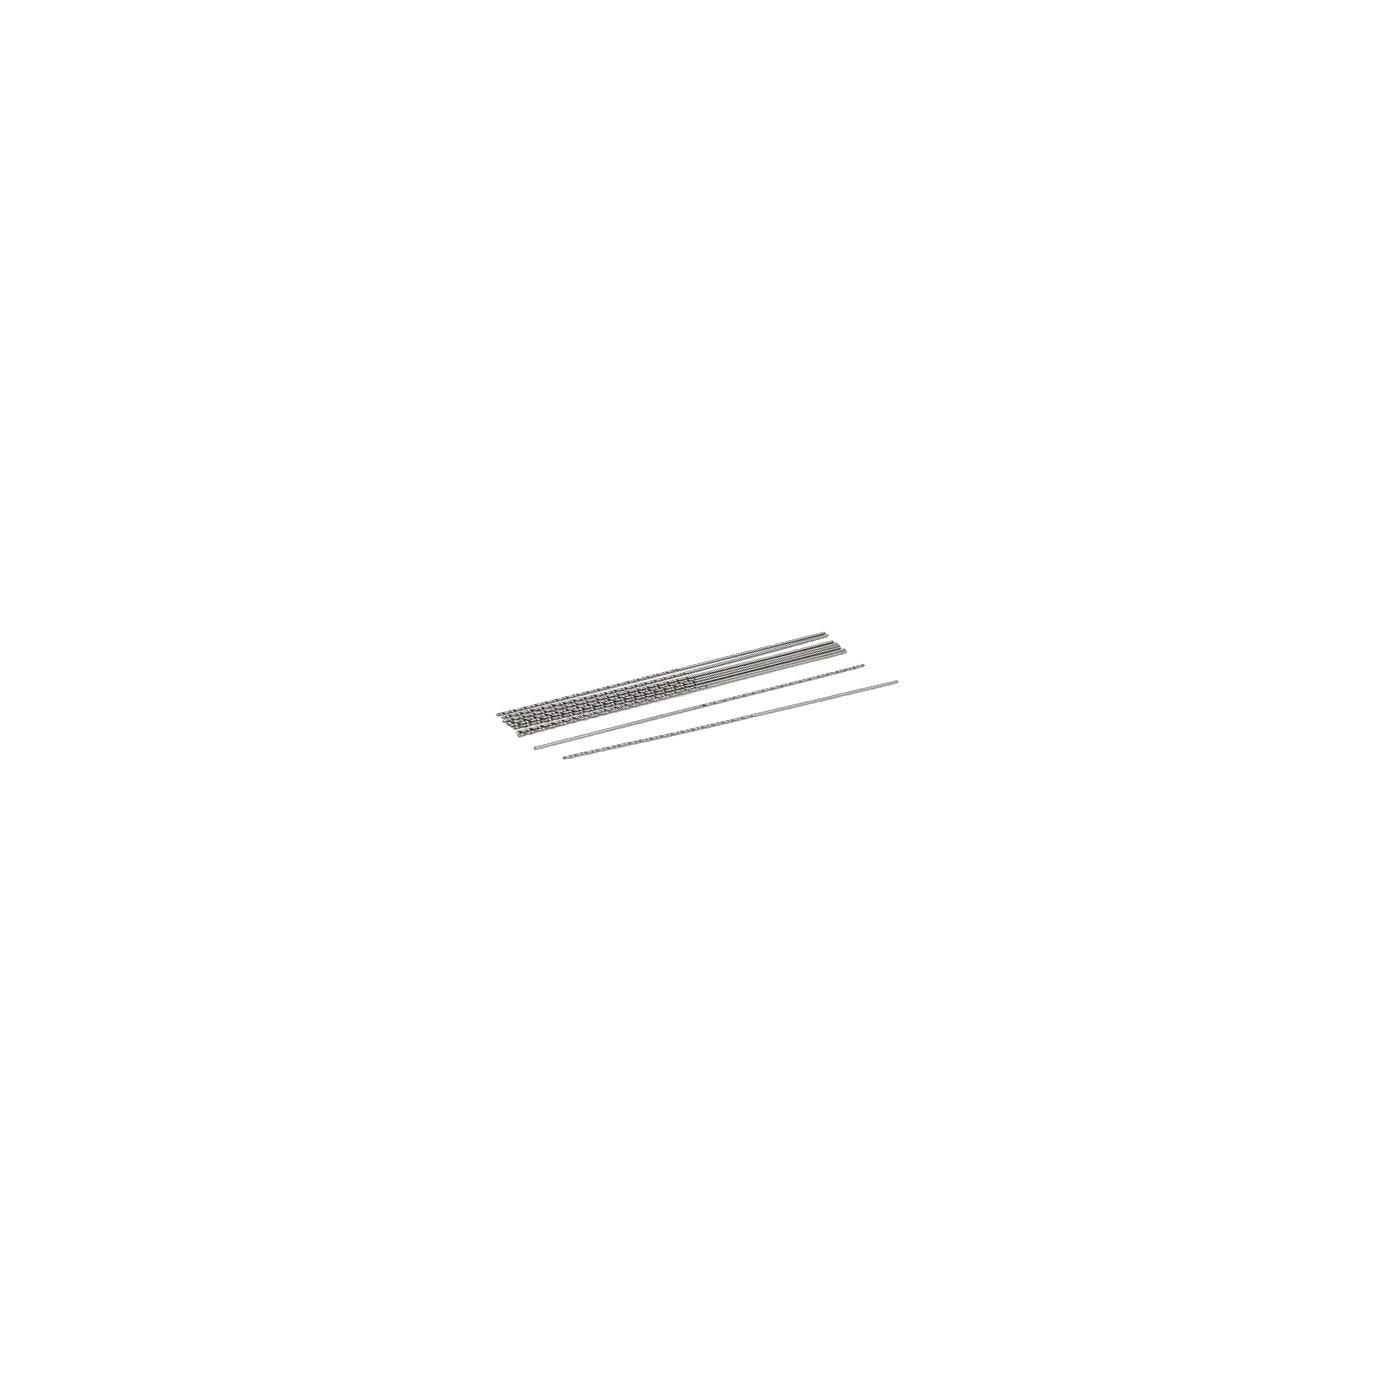 Set van 10 extra lange, superdunne metaalboren (0.8 x 100 mm